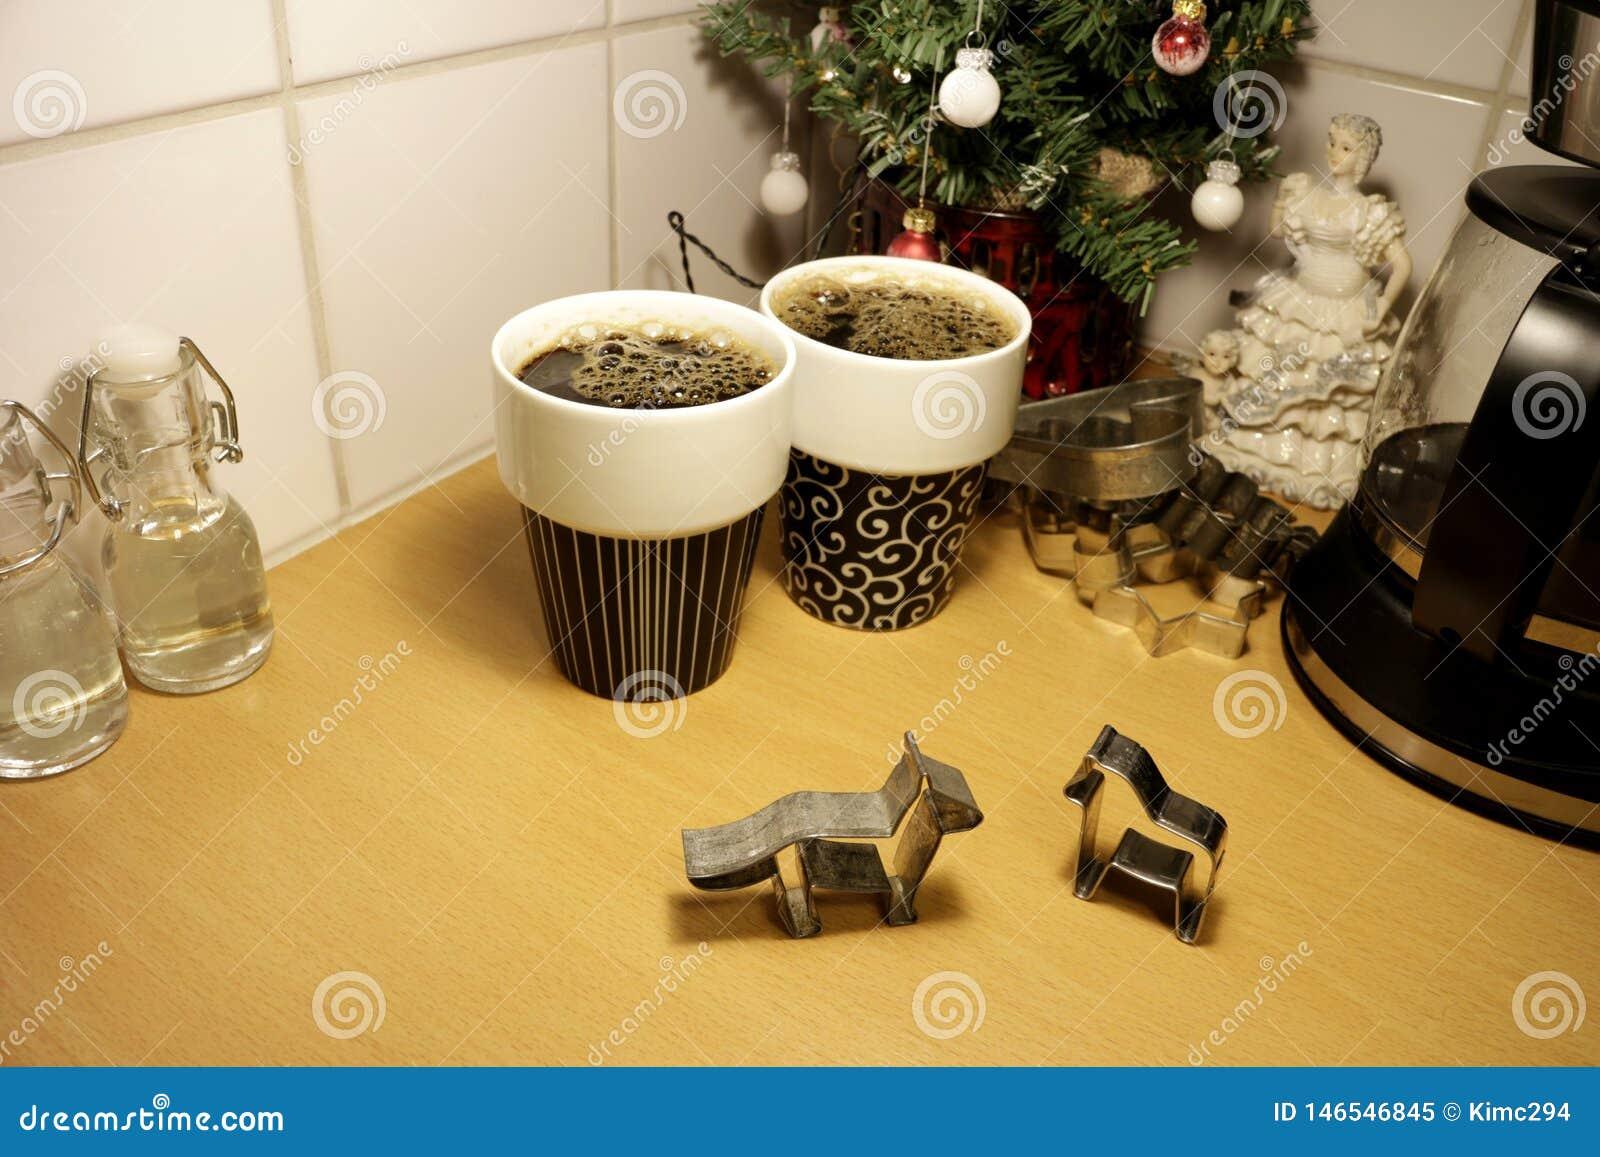 Dwa zwierzę kształtował piernikowych ciastko krajaczy stoi w górę kuchennego countertop dalej